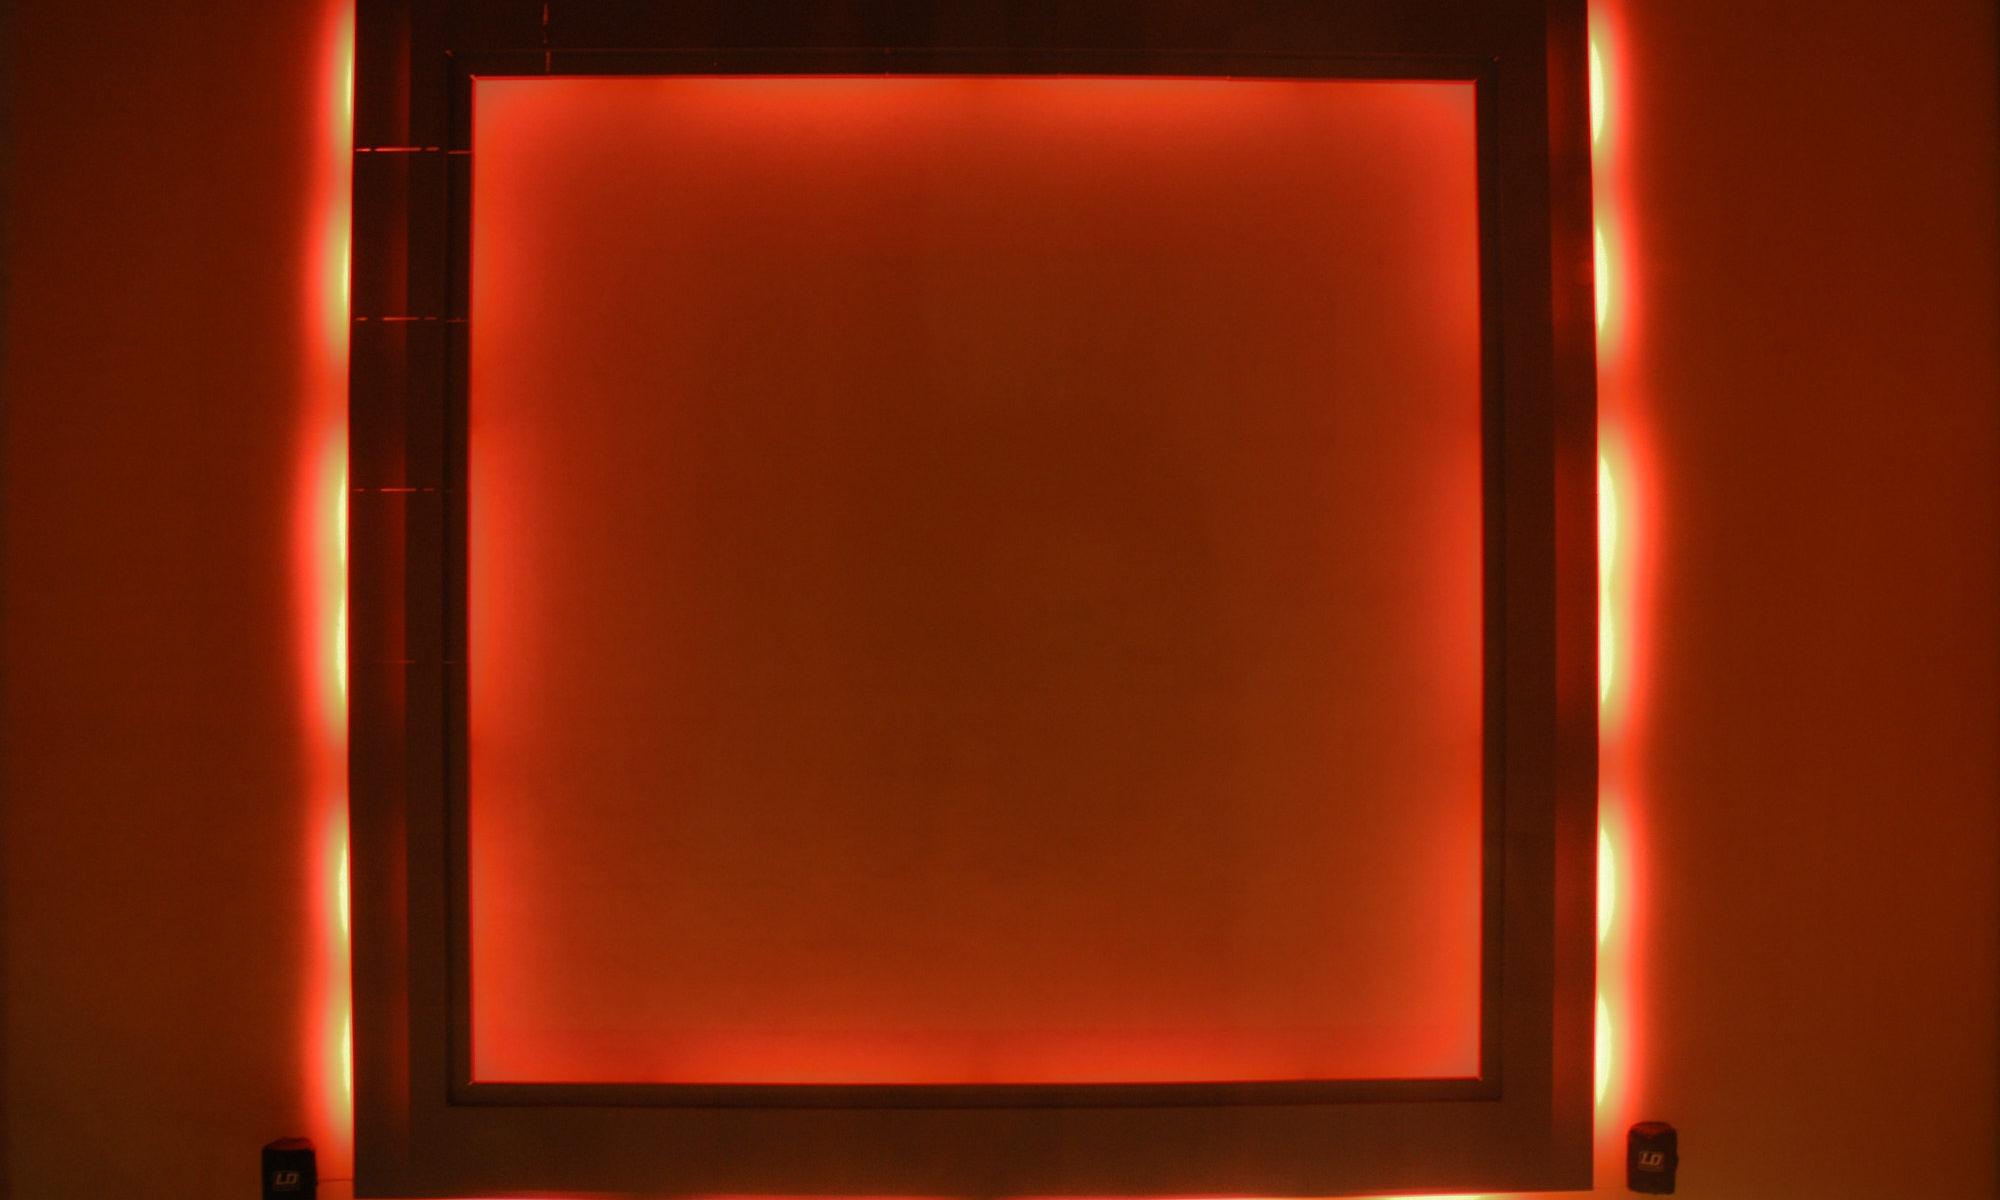 Leuchtendes rotes Quadrat.